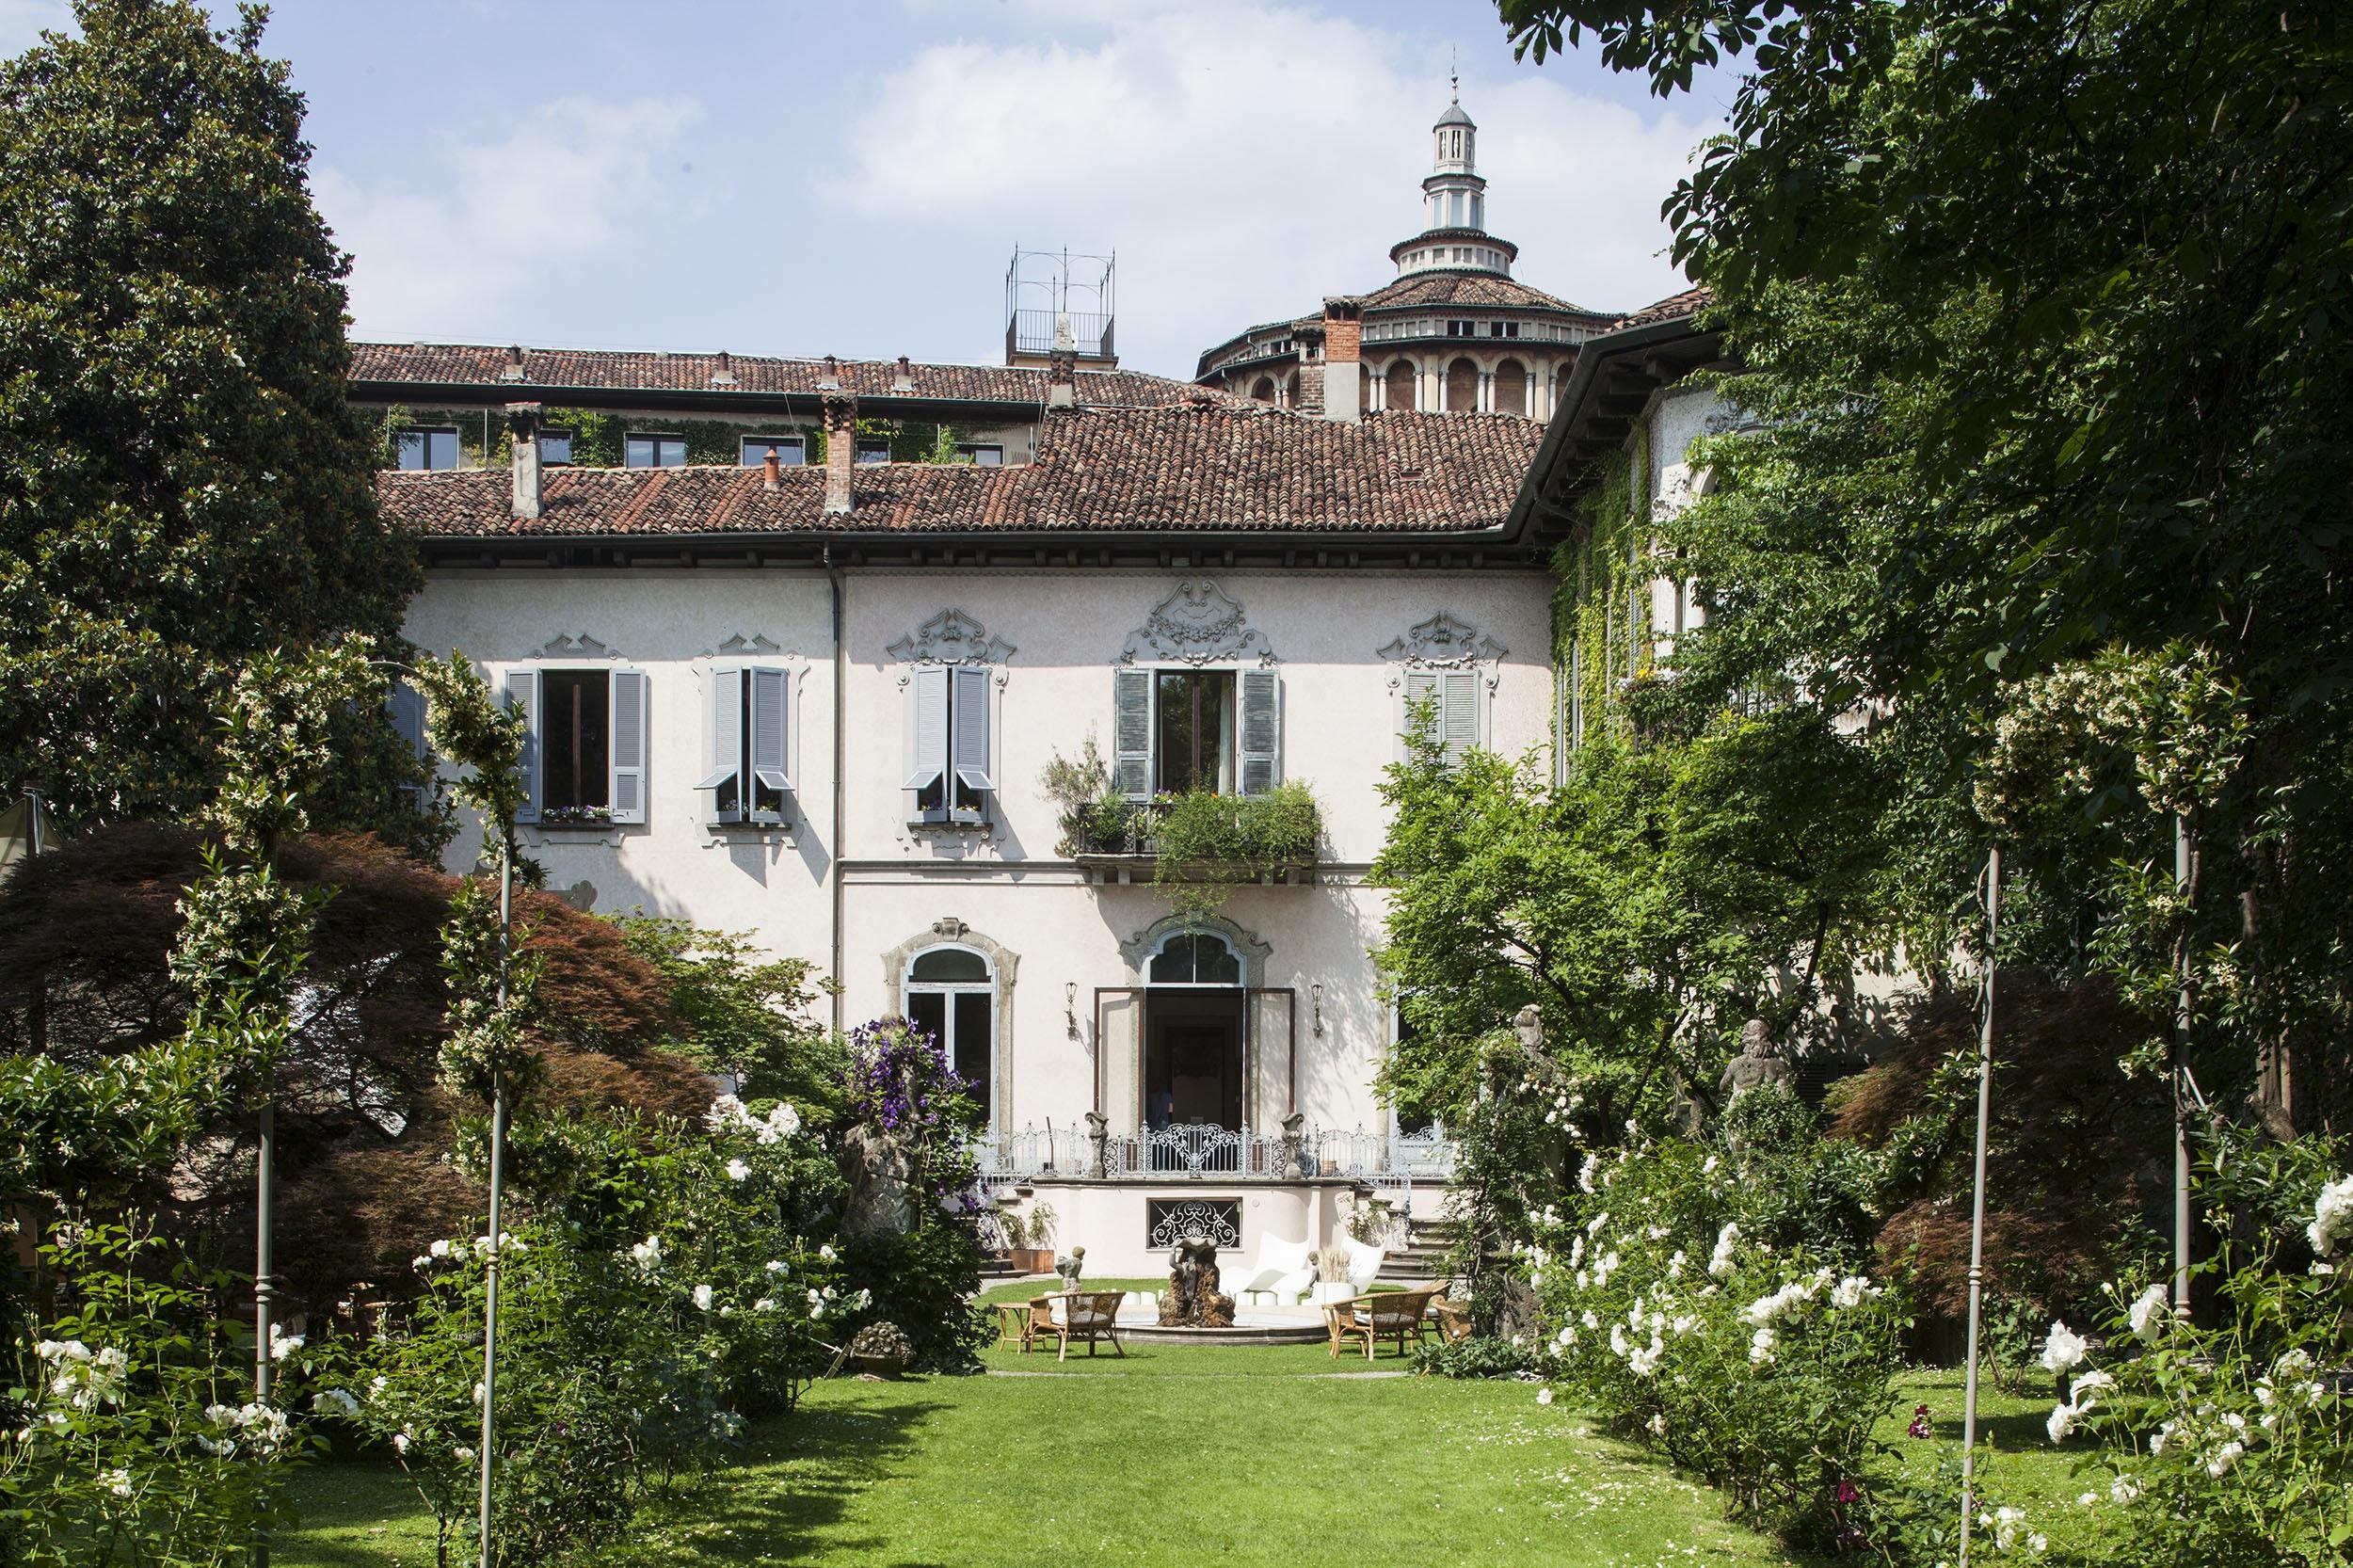 Casa degli Atellani, ALBERGO DIURNO VENEZIA, MILANO (MI )